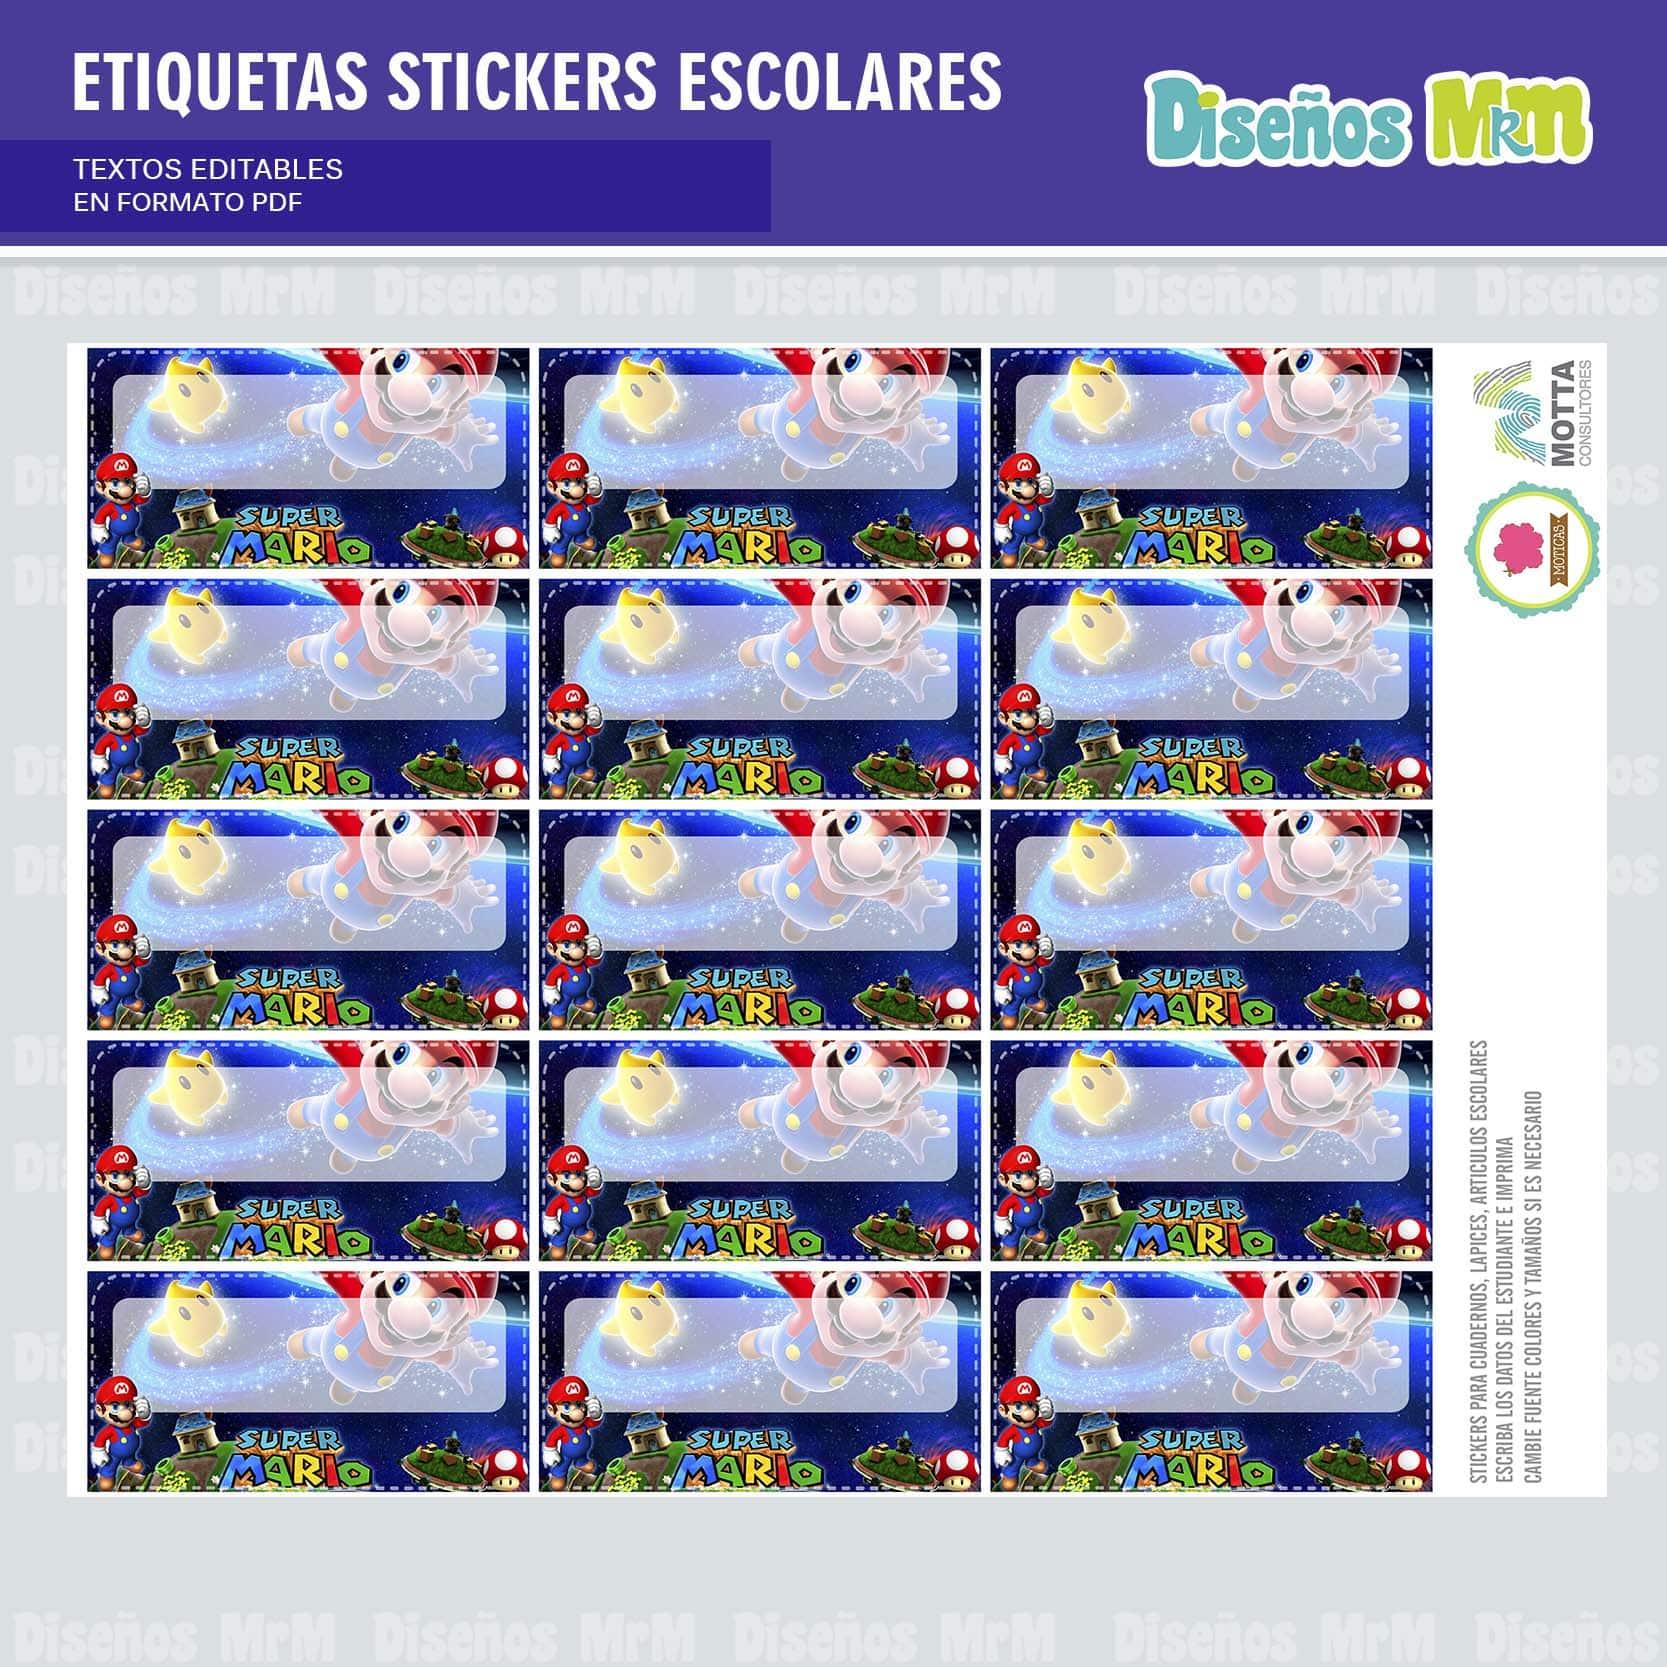 etiquetas-sticker-mario-bros-escolar-estudiante-escuela-colegio-personalizar-2